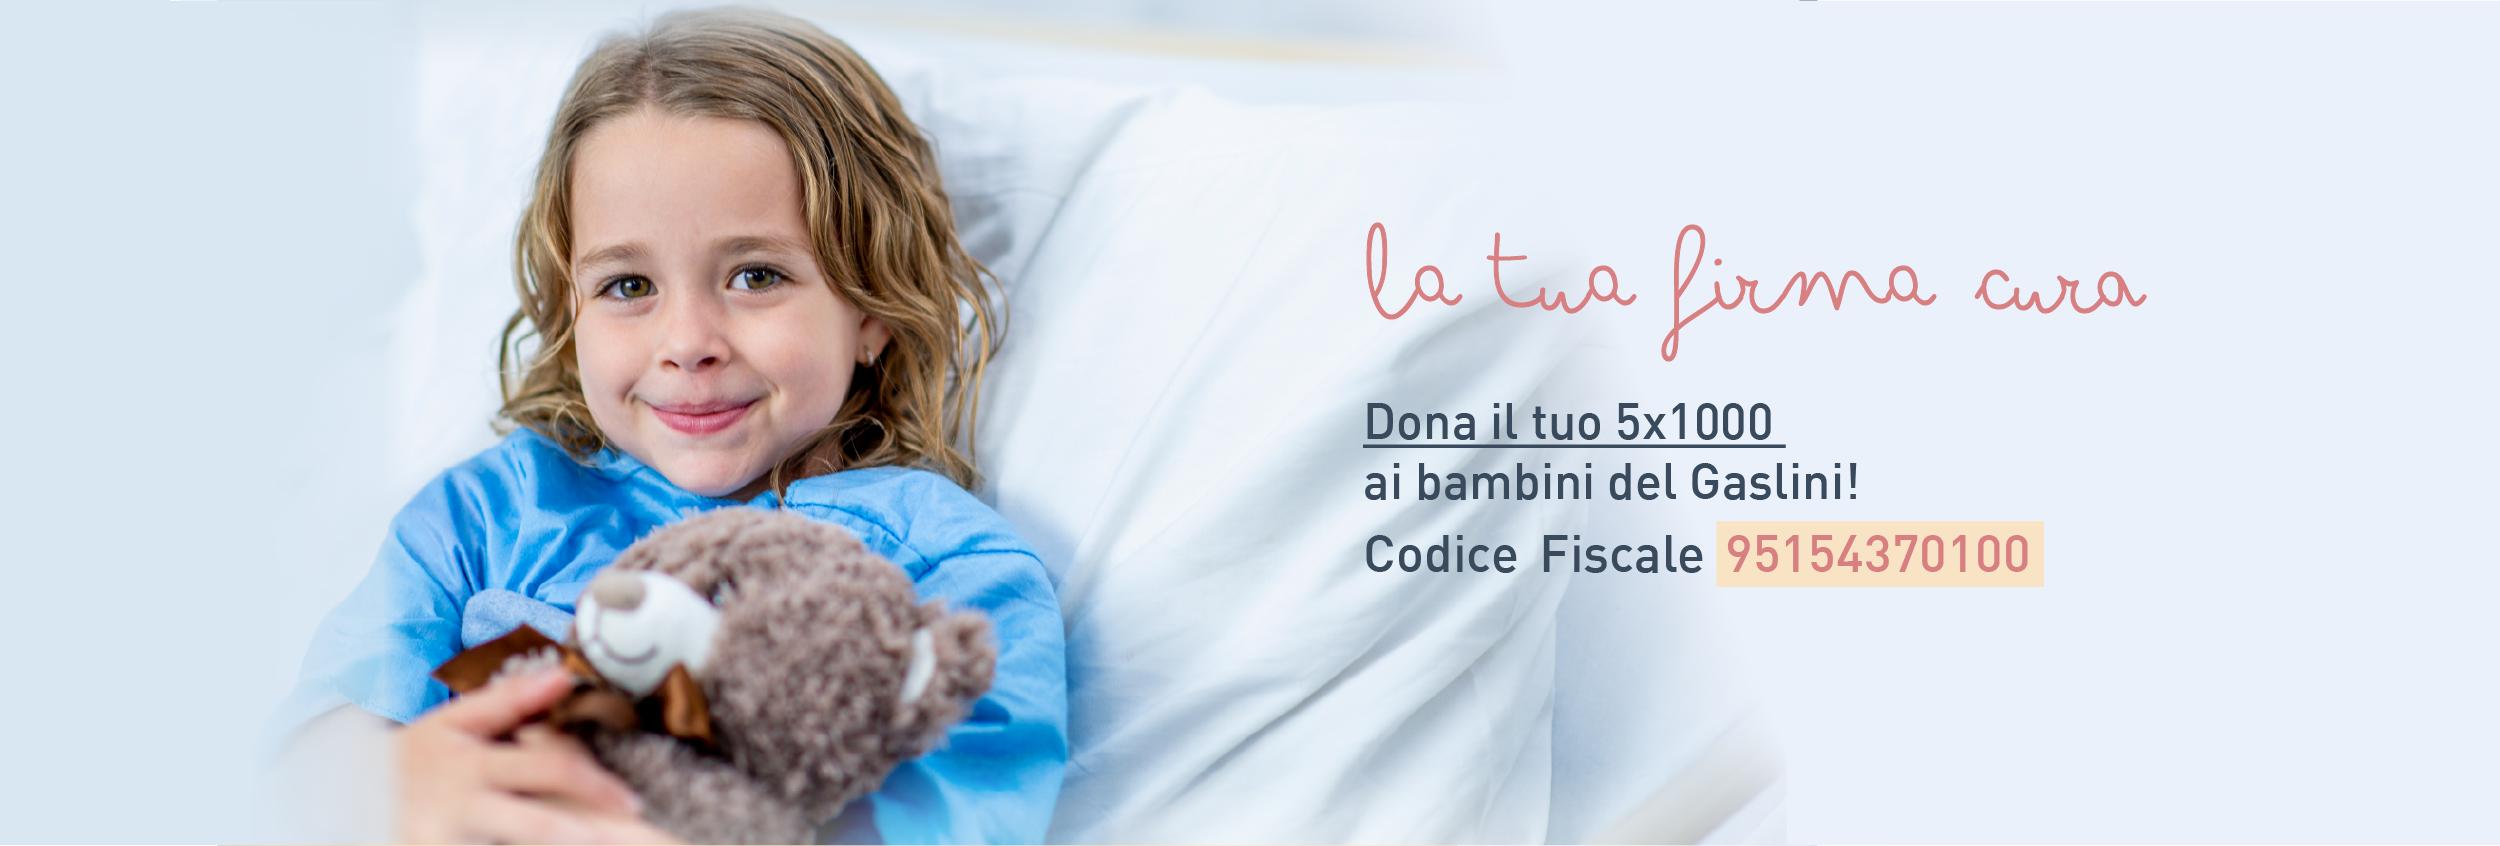 5x1000 Gaslini Onlus per l'Ospedale dei bambini